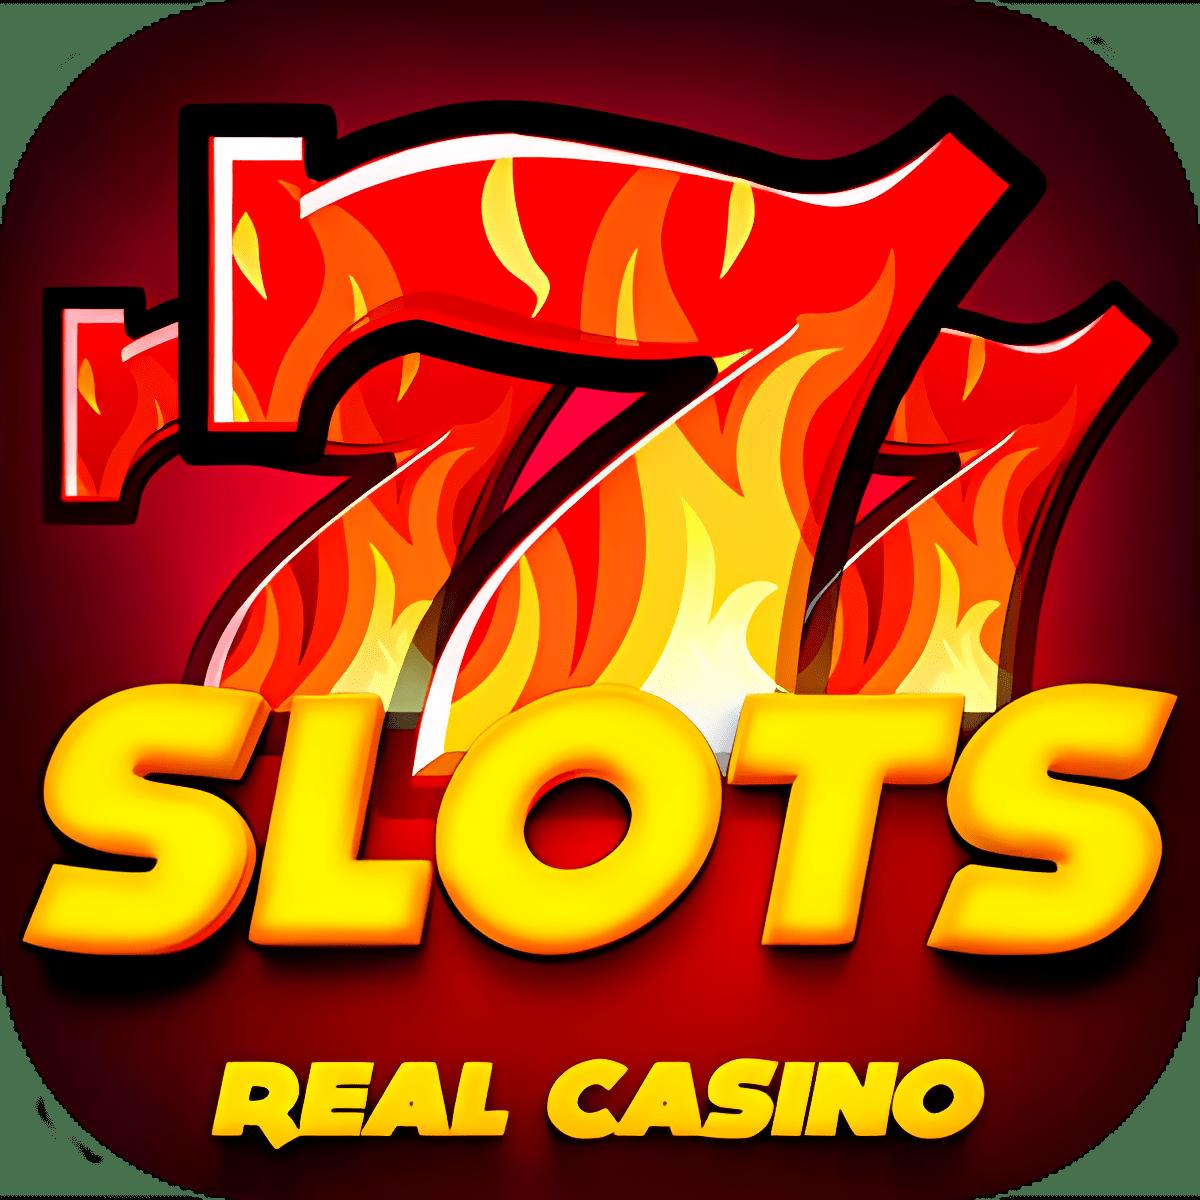 Real Casino - Free Slots 2.4.4